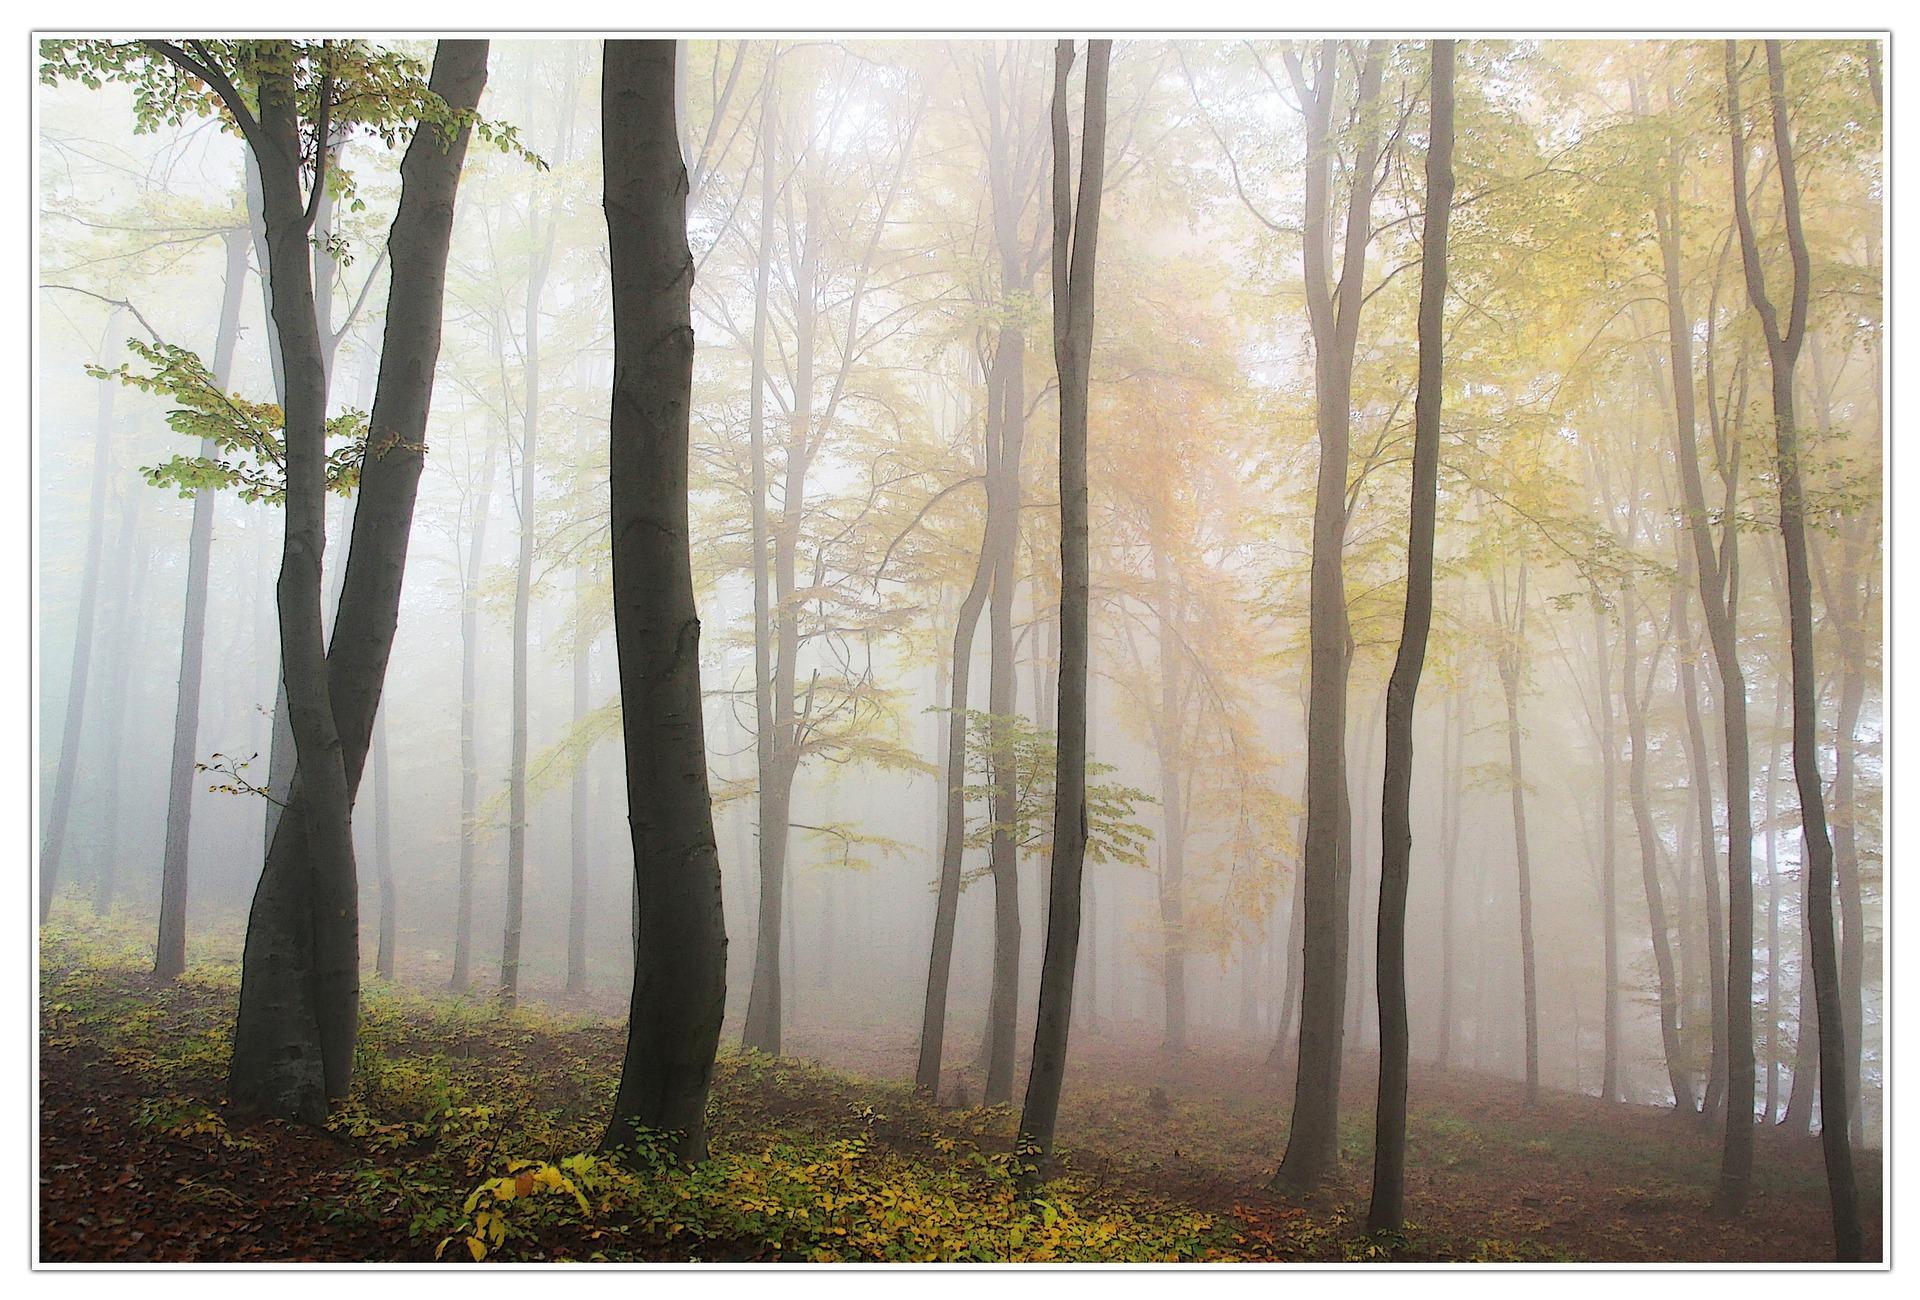 autumn-194834_1920.jpg